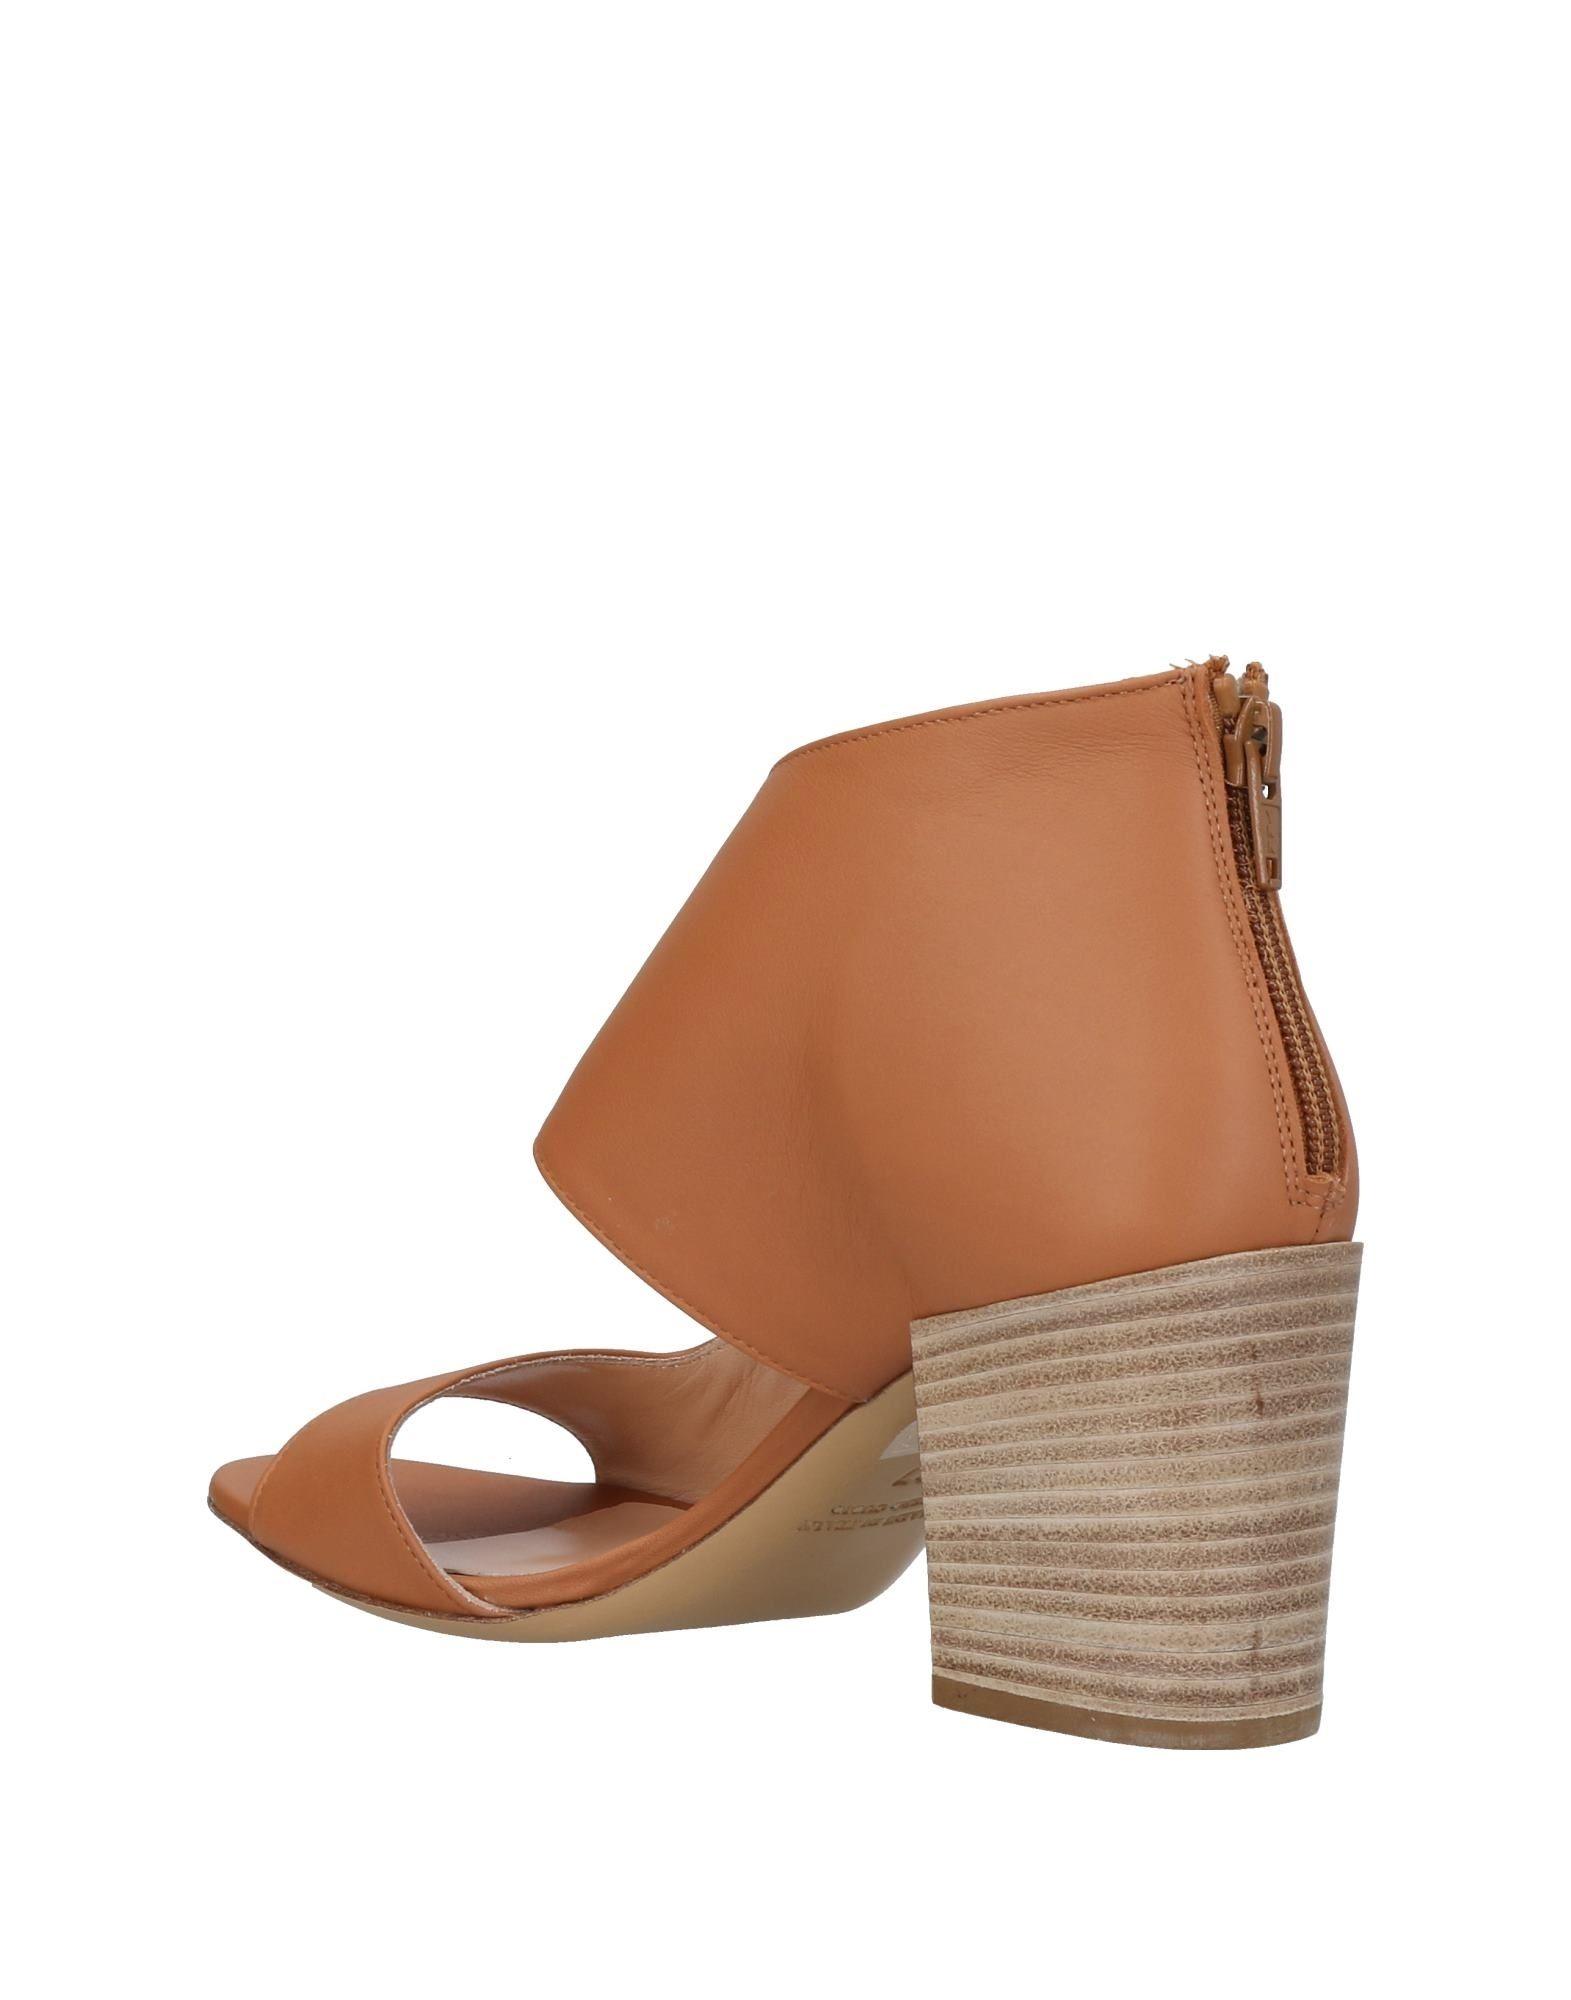 Andrea Catini Sandalen Damen  11444952CV Gute Qualität beliebte beliebte beliebte Schuhe cd4a90